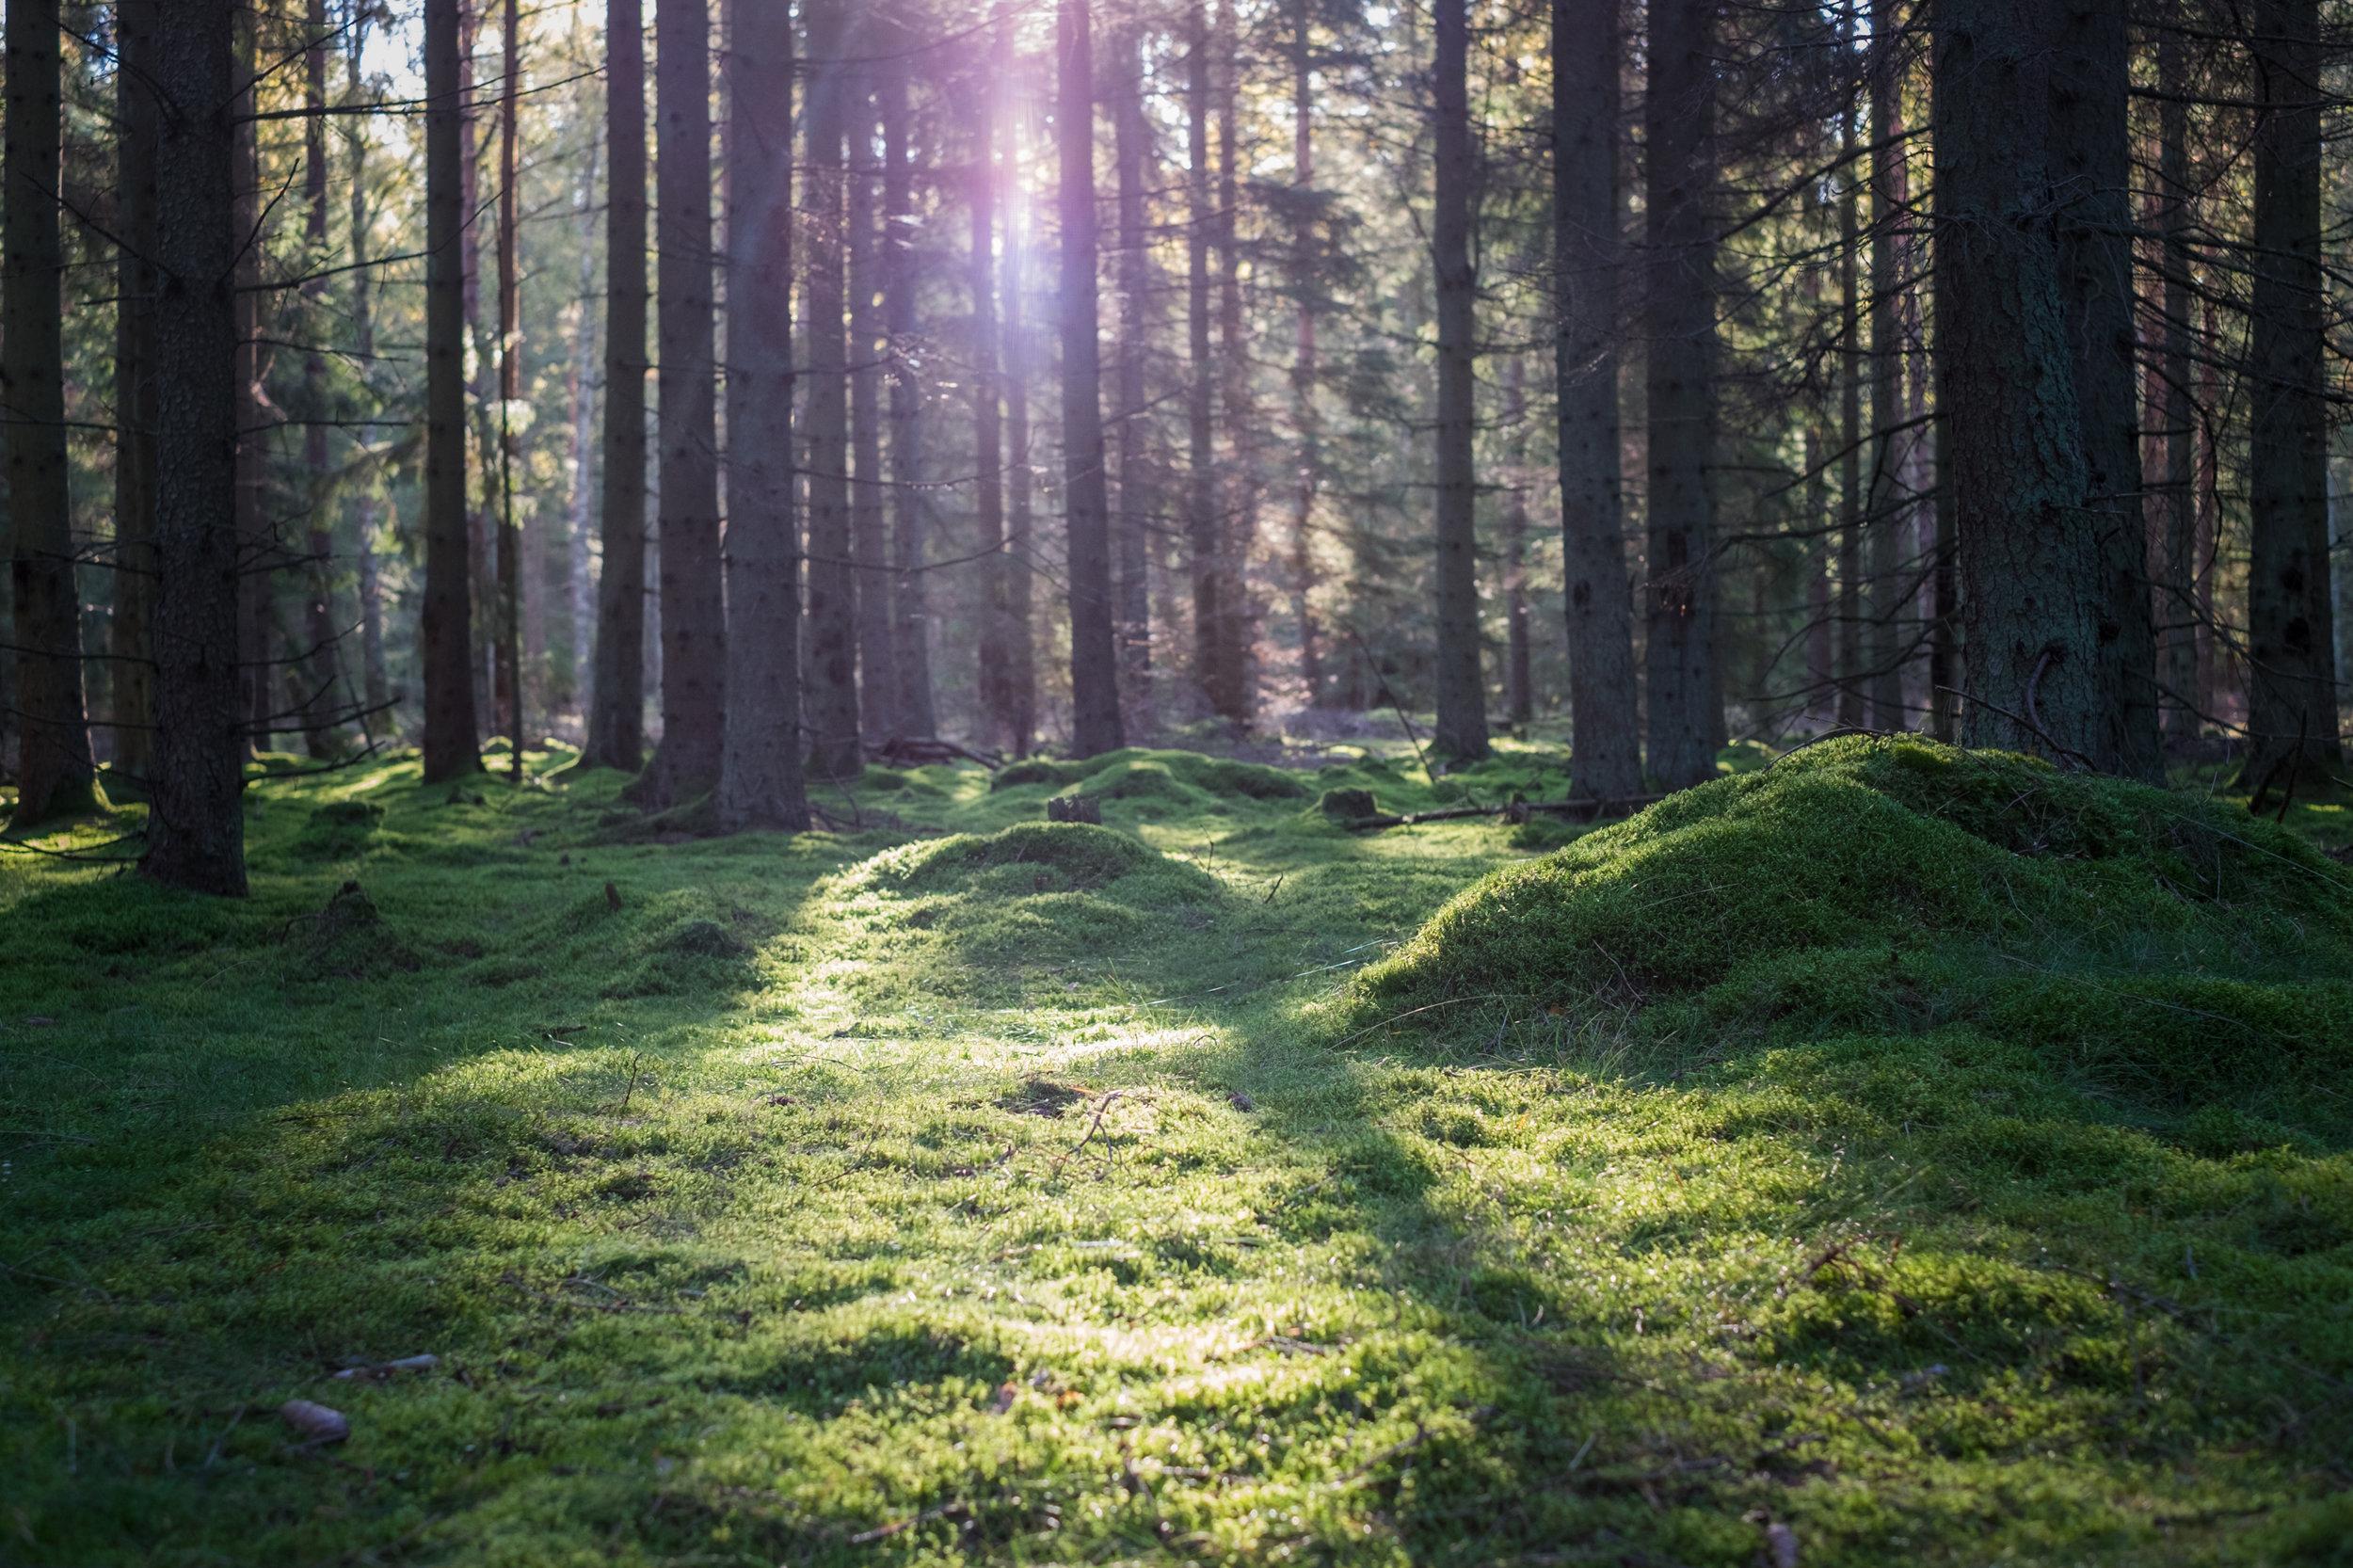 Det är något märkligt magiskt med solstrålar och grön mossa. Tröttnar aldrig